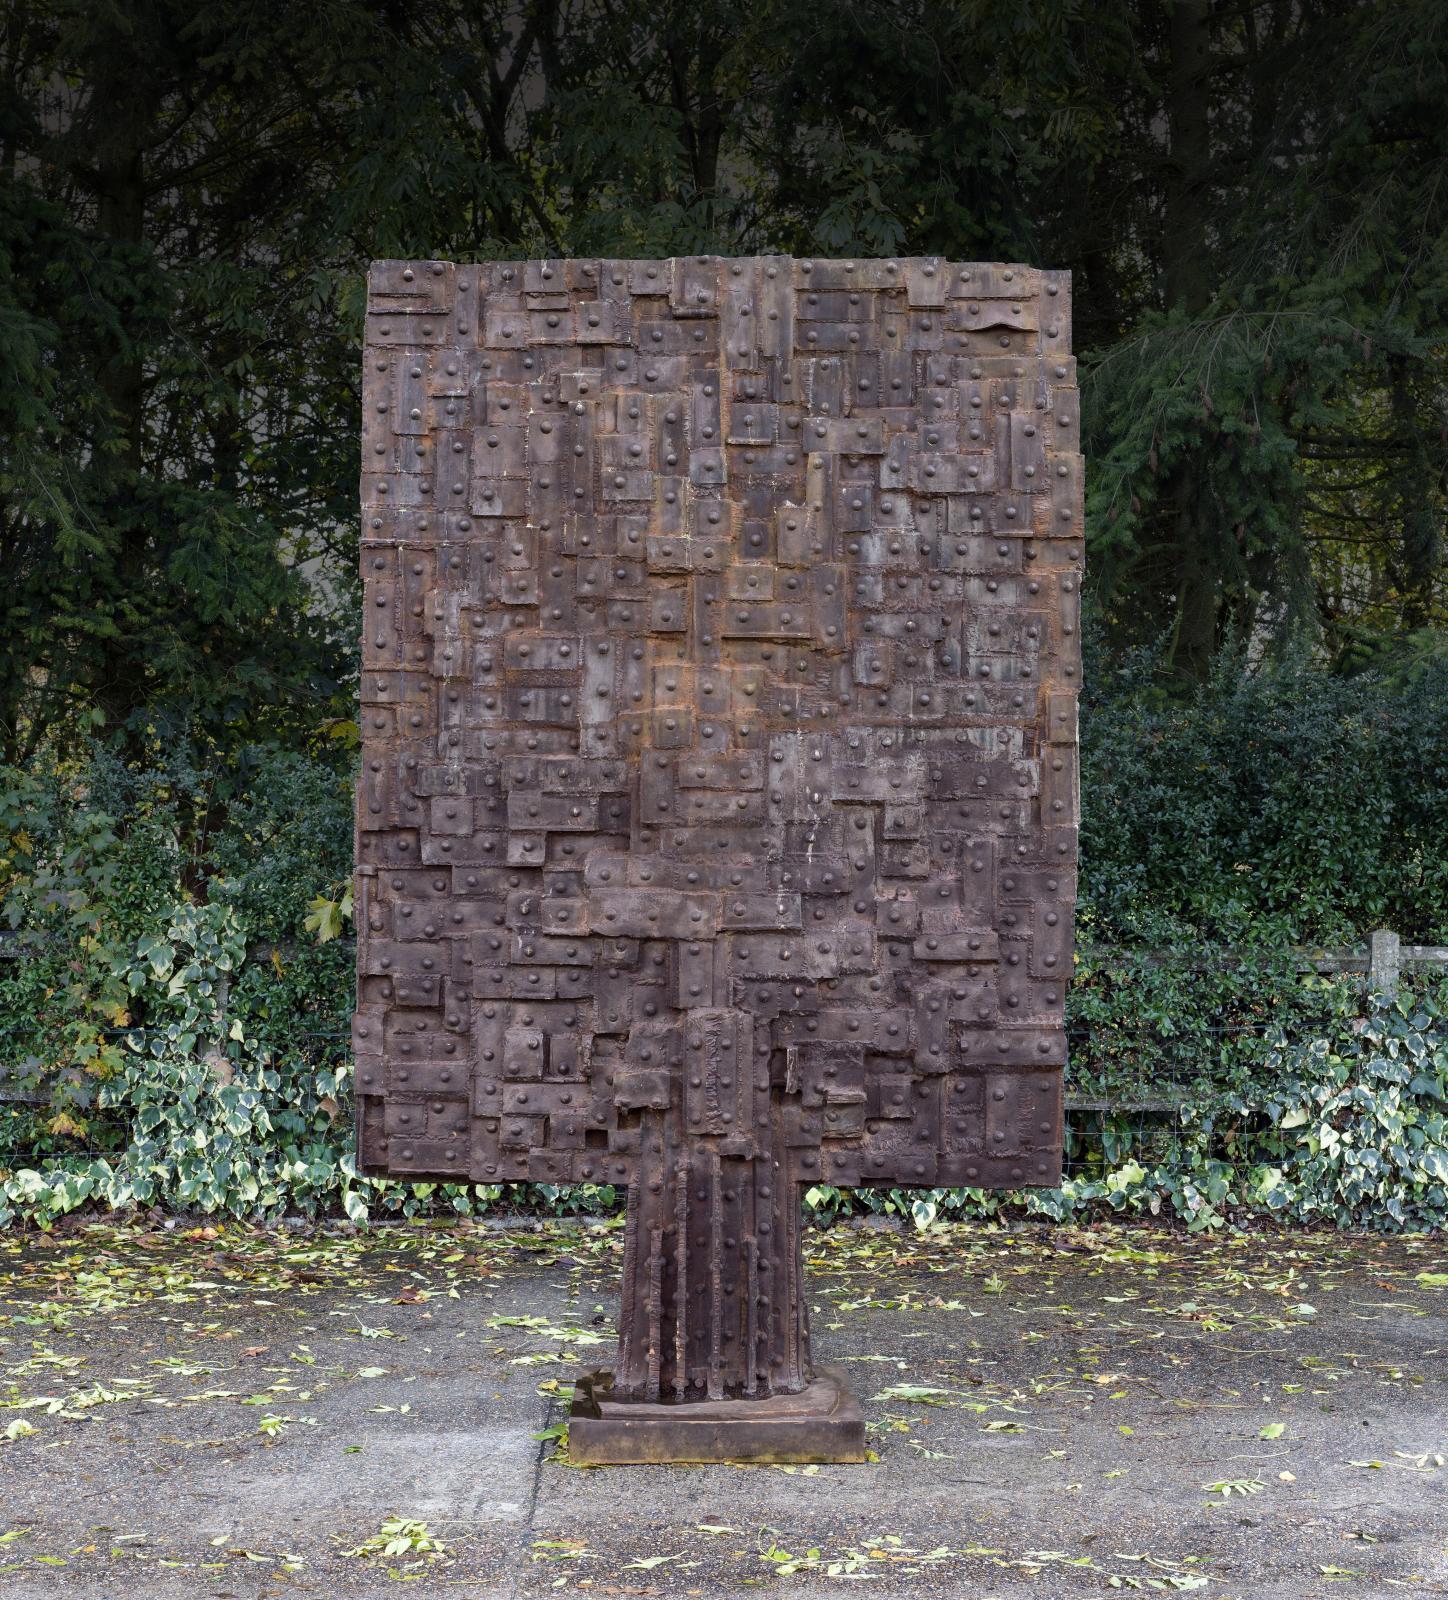 César Baldaccini, dit César(1921-1998), Plaque Eiffel, 1989, bronze soudé, fonte Romain Barelier, numérotée EA2/4, 280x185x150cm. A